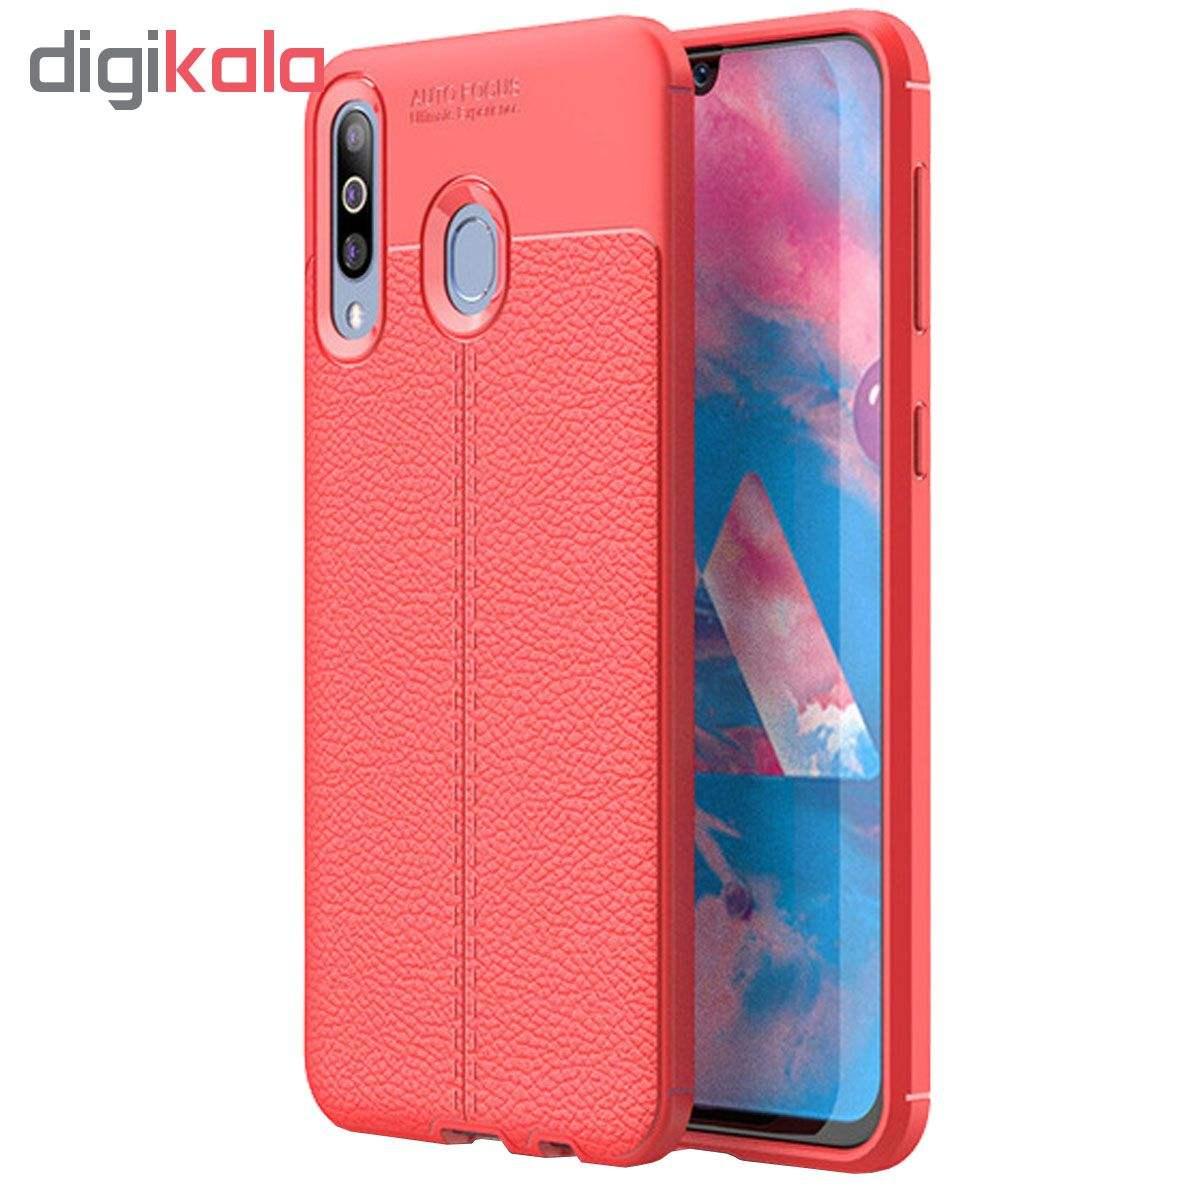 کاور مدل ch31 مناسب برای گوشی موبایل سامسونگ Galaxy M30 main 1 1